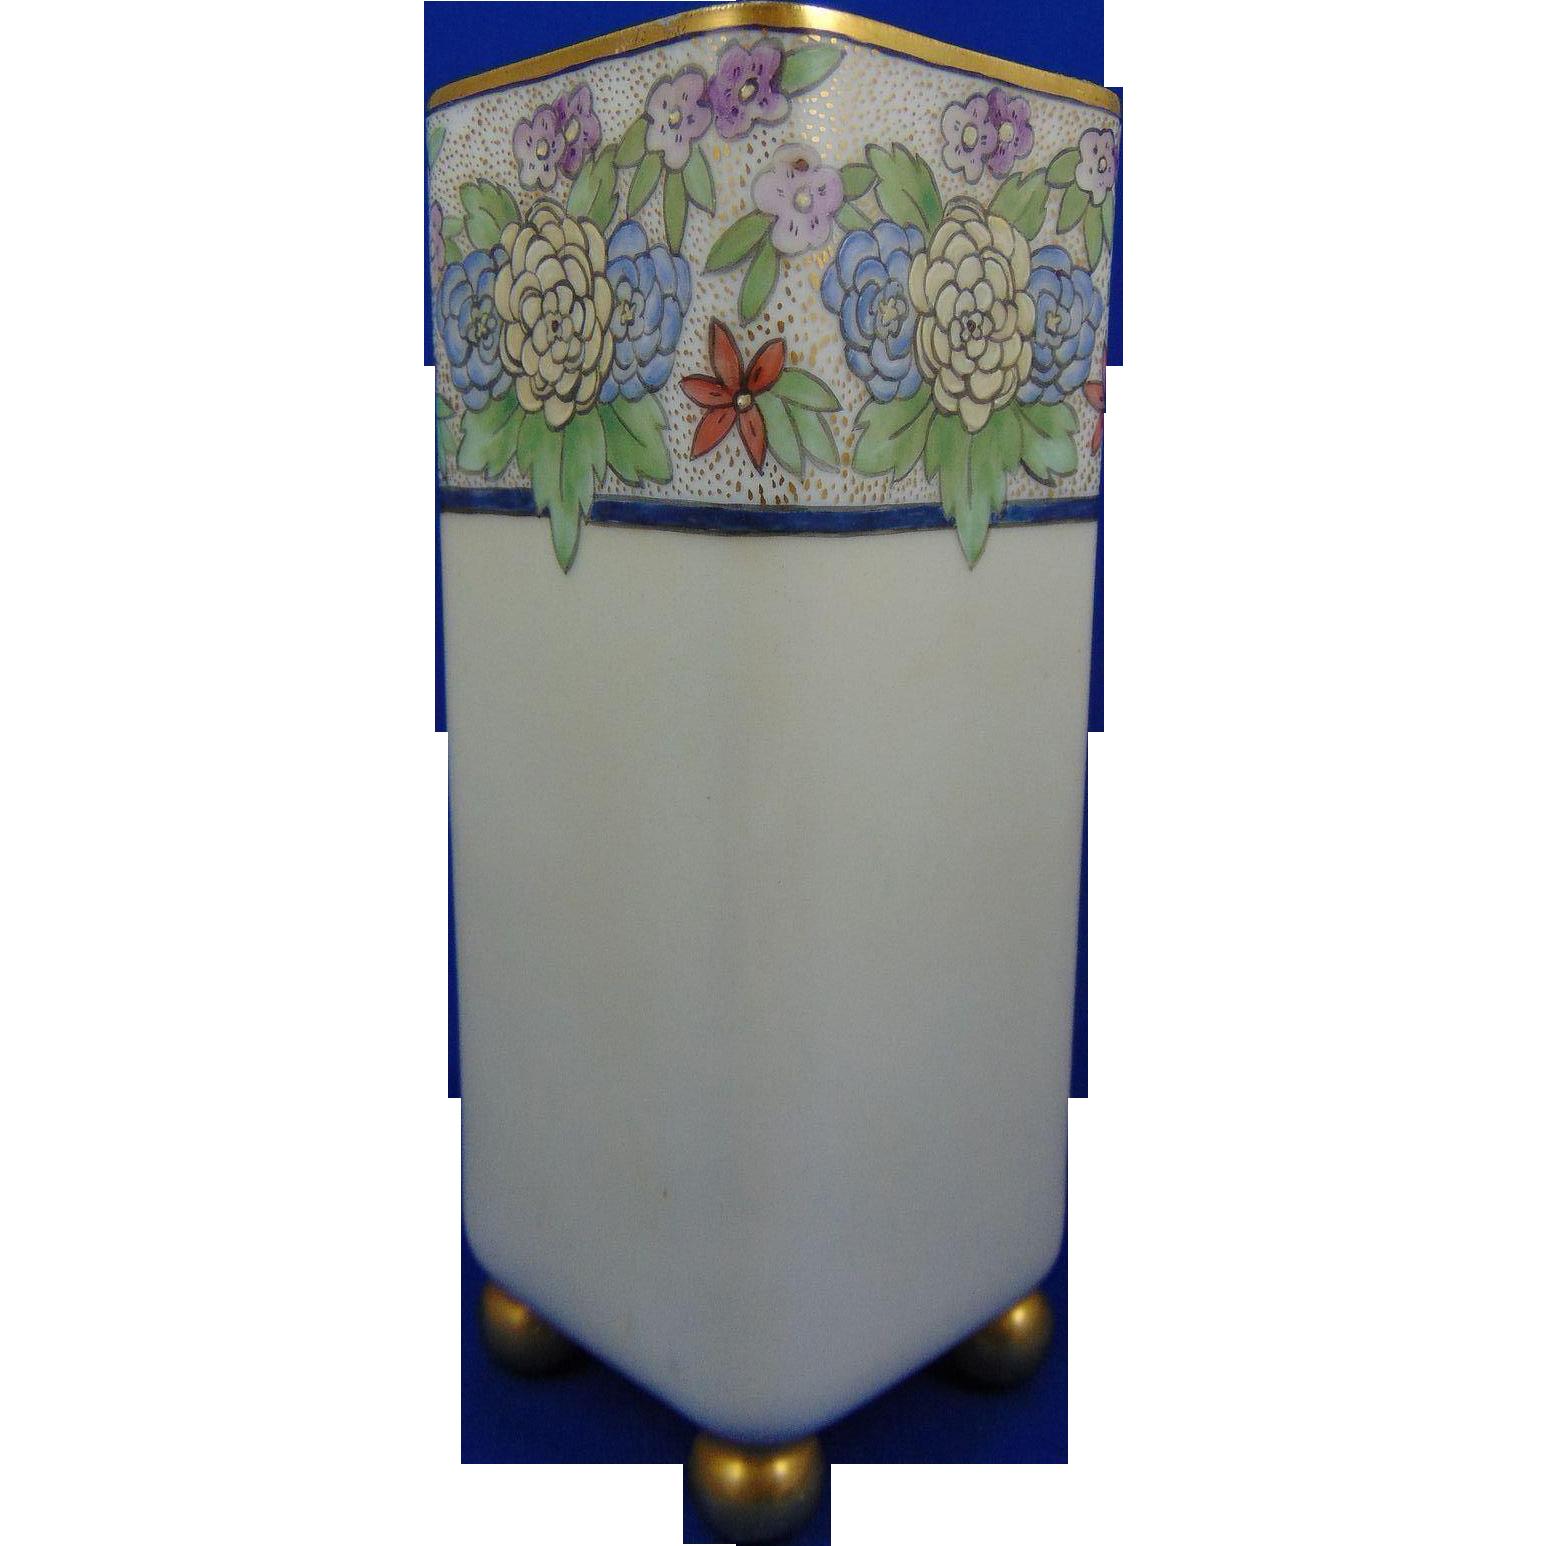 Fischer & Mieg Pirkenhammer Austria Arts & Crafts Enameled Floral Design Vase (c.1873-1918)